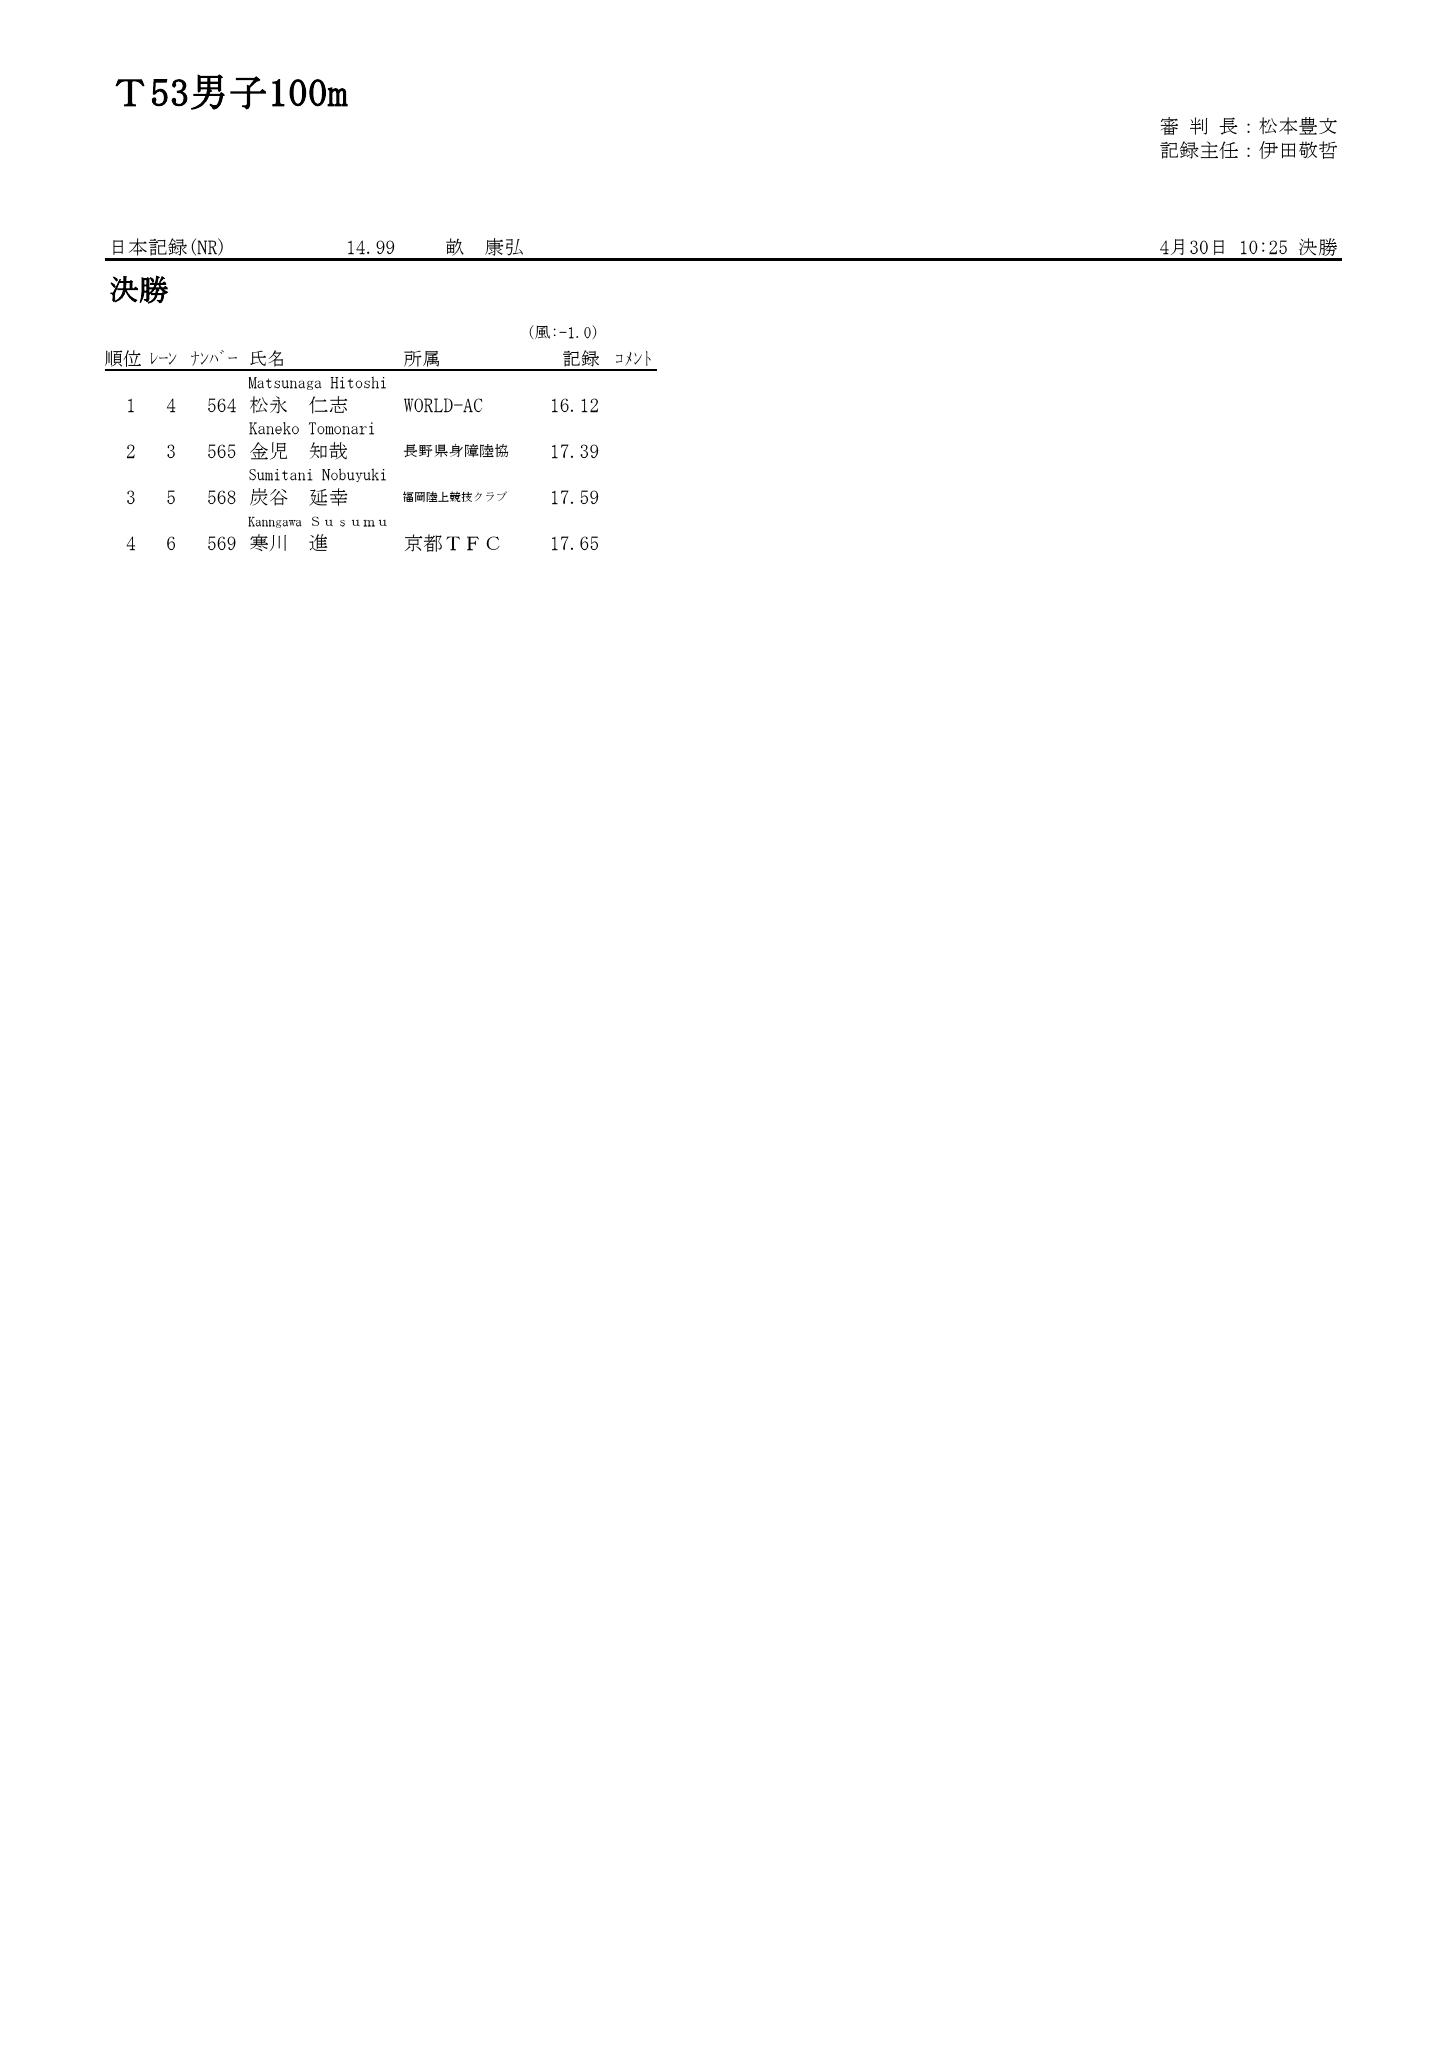 18T53男子100m_000001